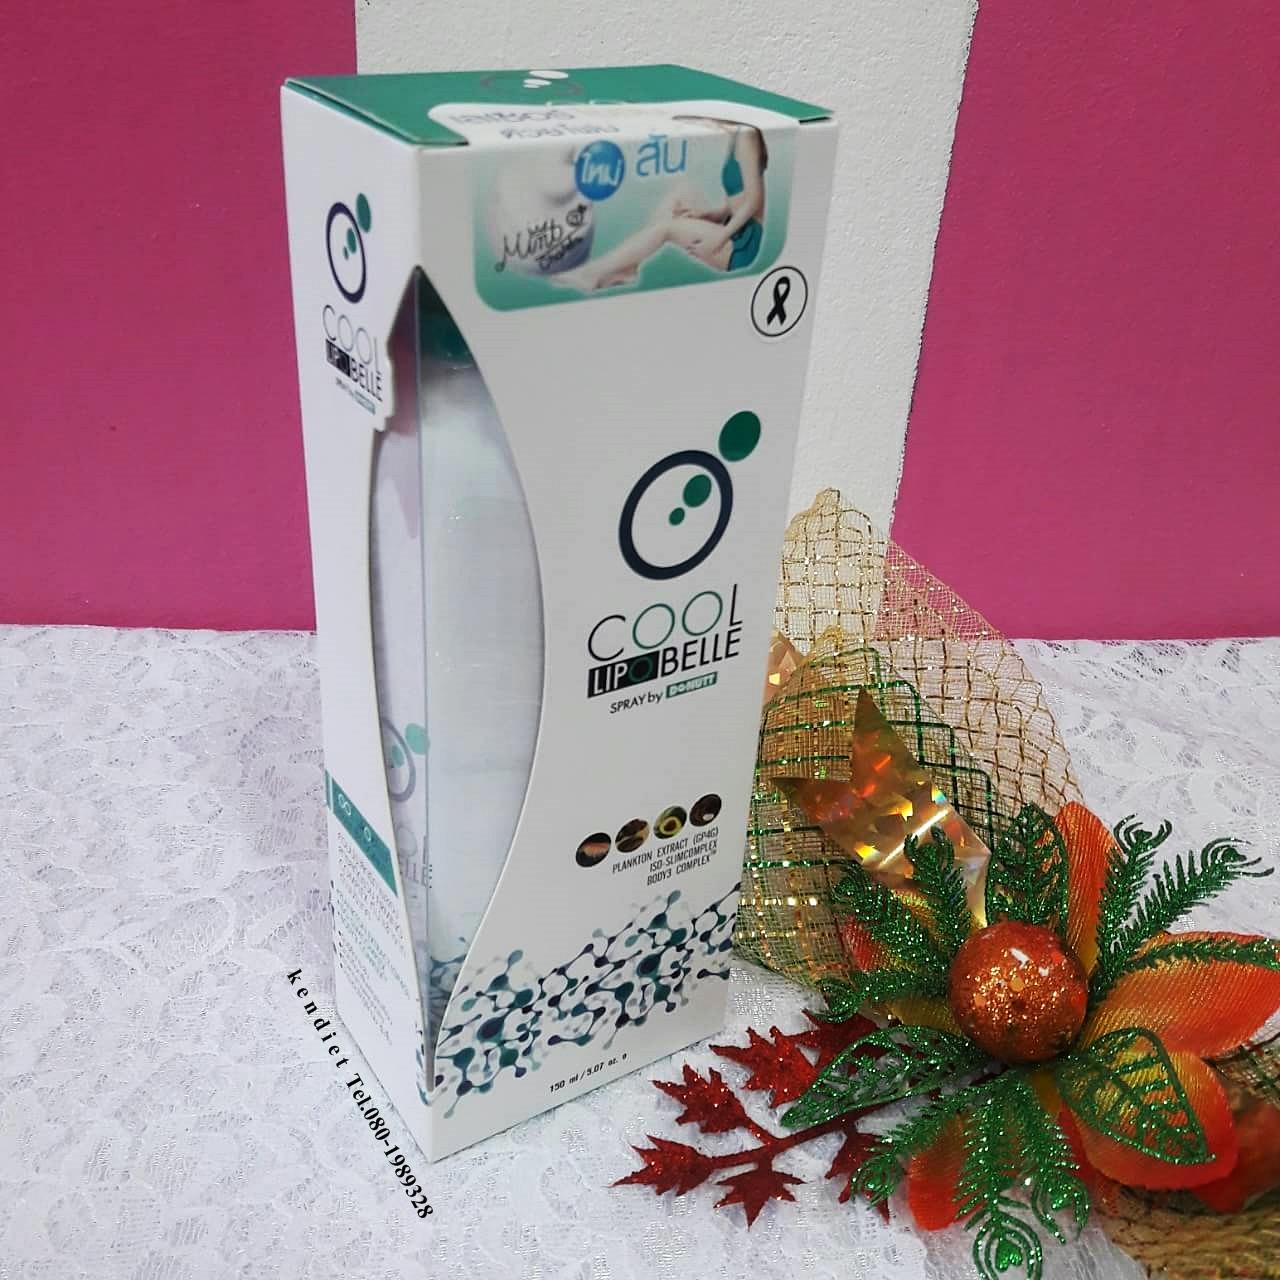 Donutt Cool LipoBelle Spray โดนัทท์ คูล ไลโปเบล สเปรย์ ปริมาณสุทธิ 150 ml. 600 บาท